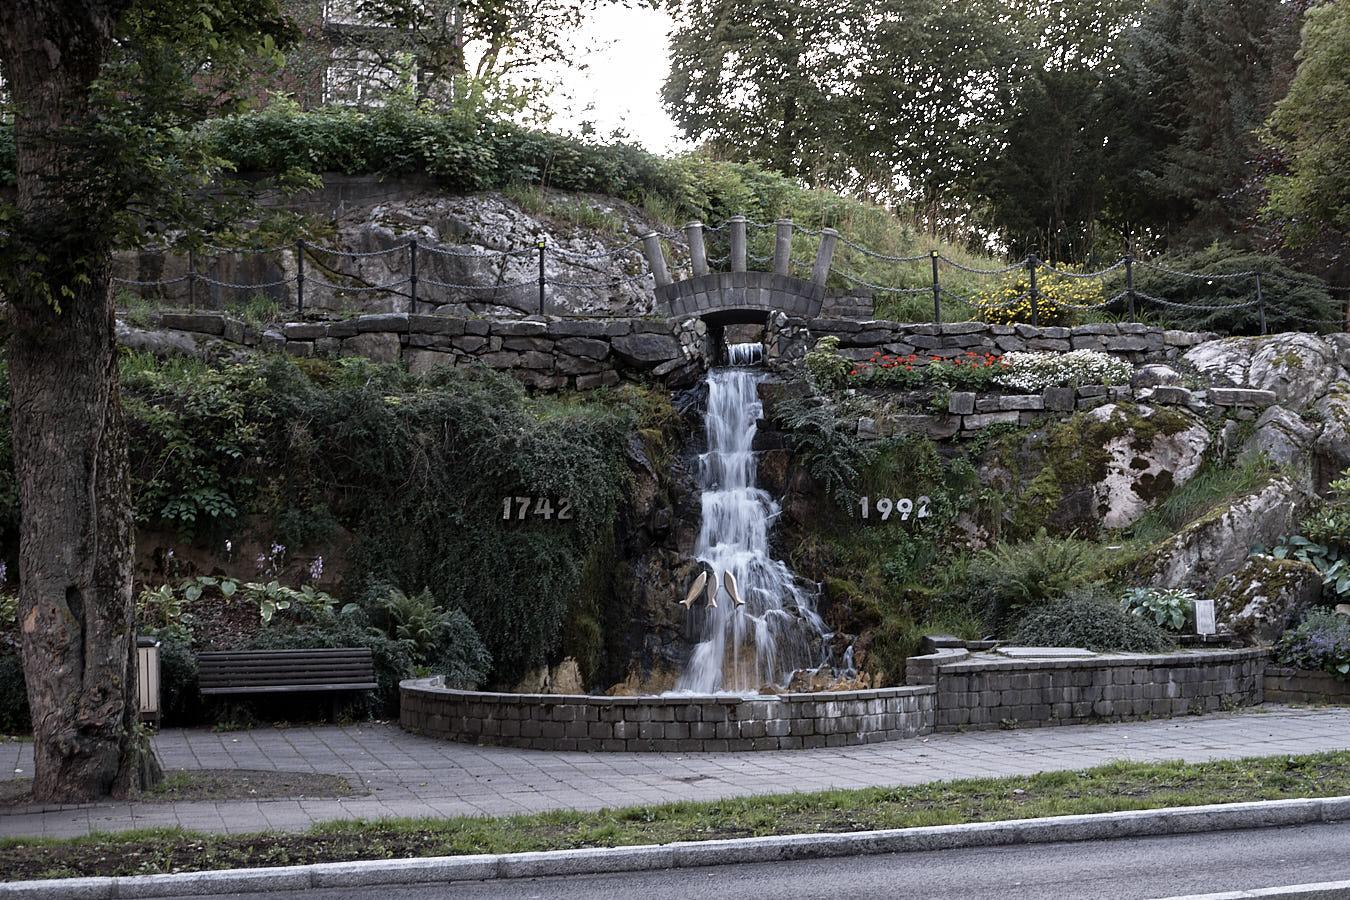 Wasserfall mitten in der Stadt